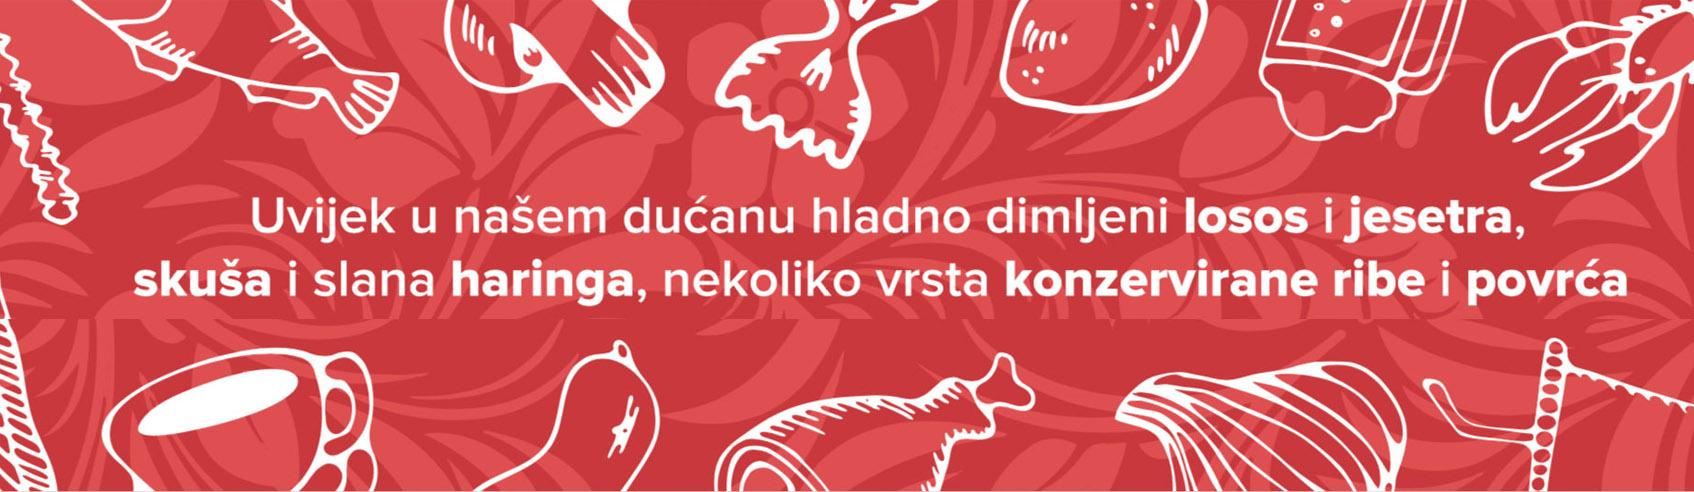 Uvijek u dućanu Ruske Delicije hladno dimljeni losos, jesetra, skuša, slana haringa, konzerve od ribi